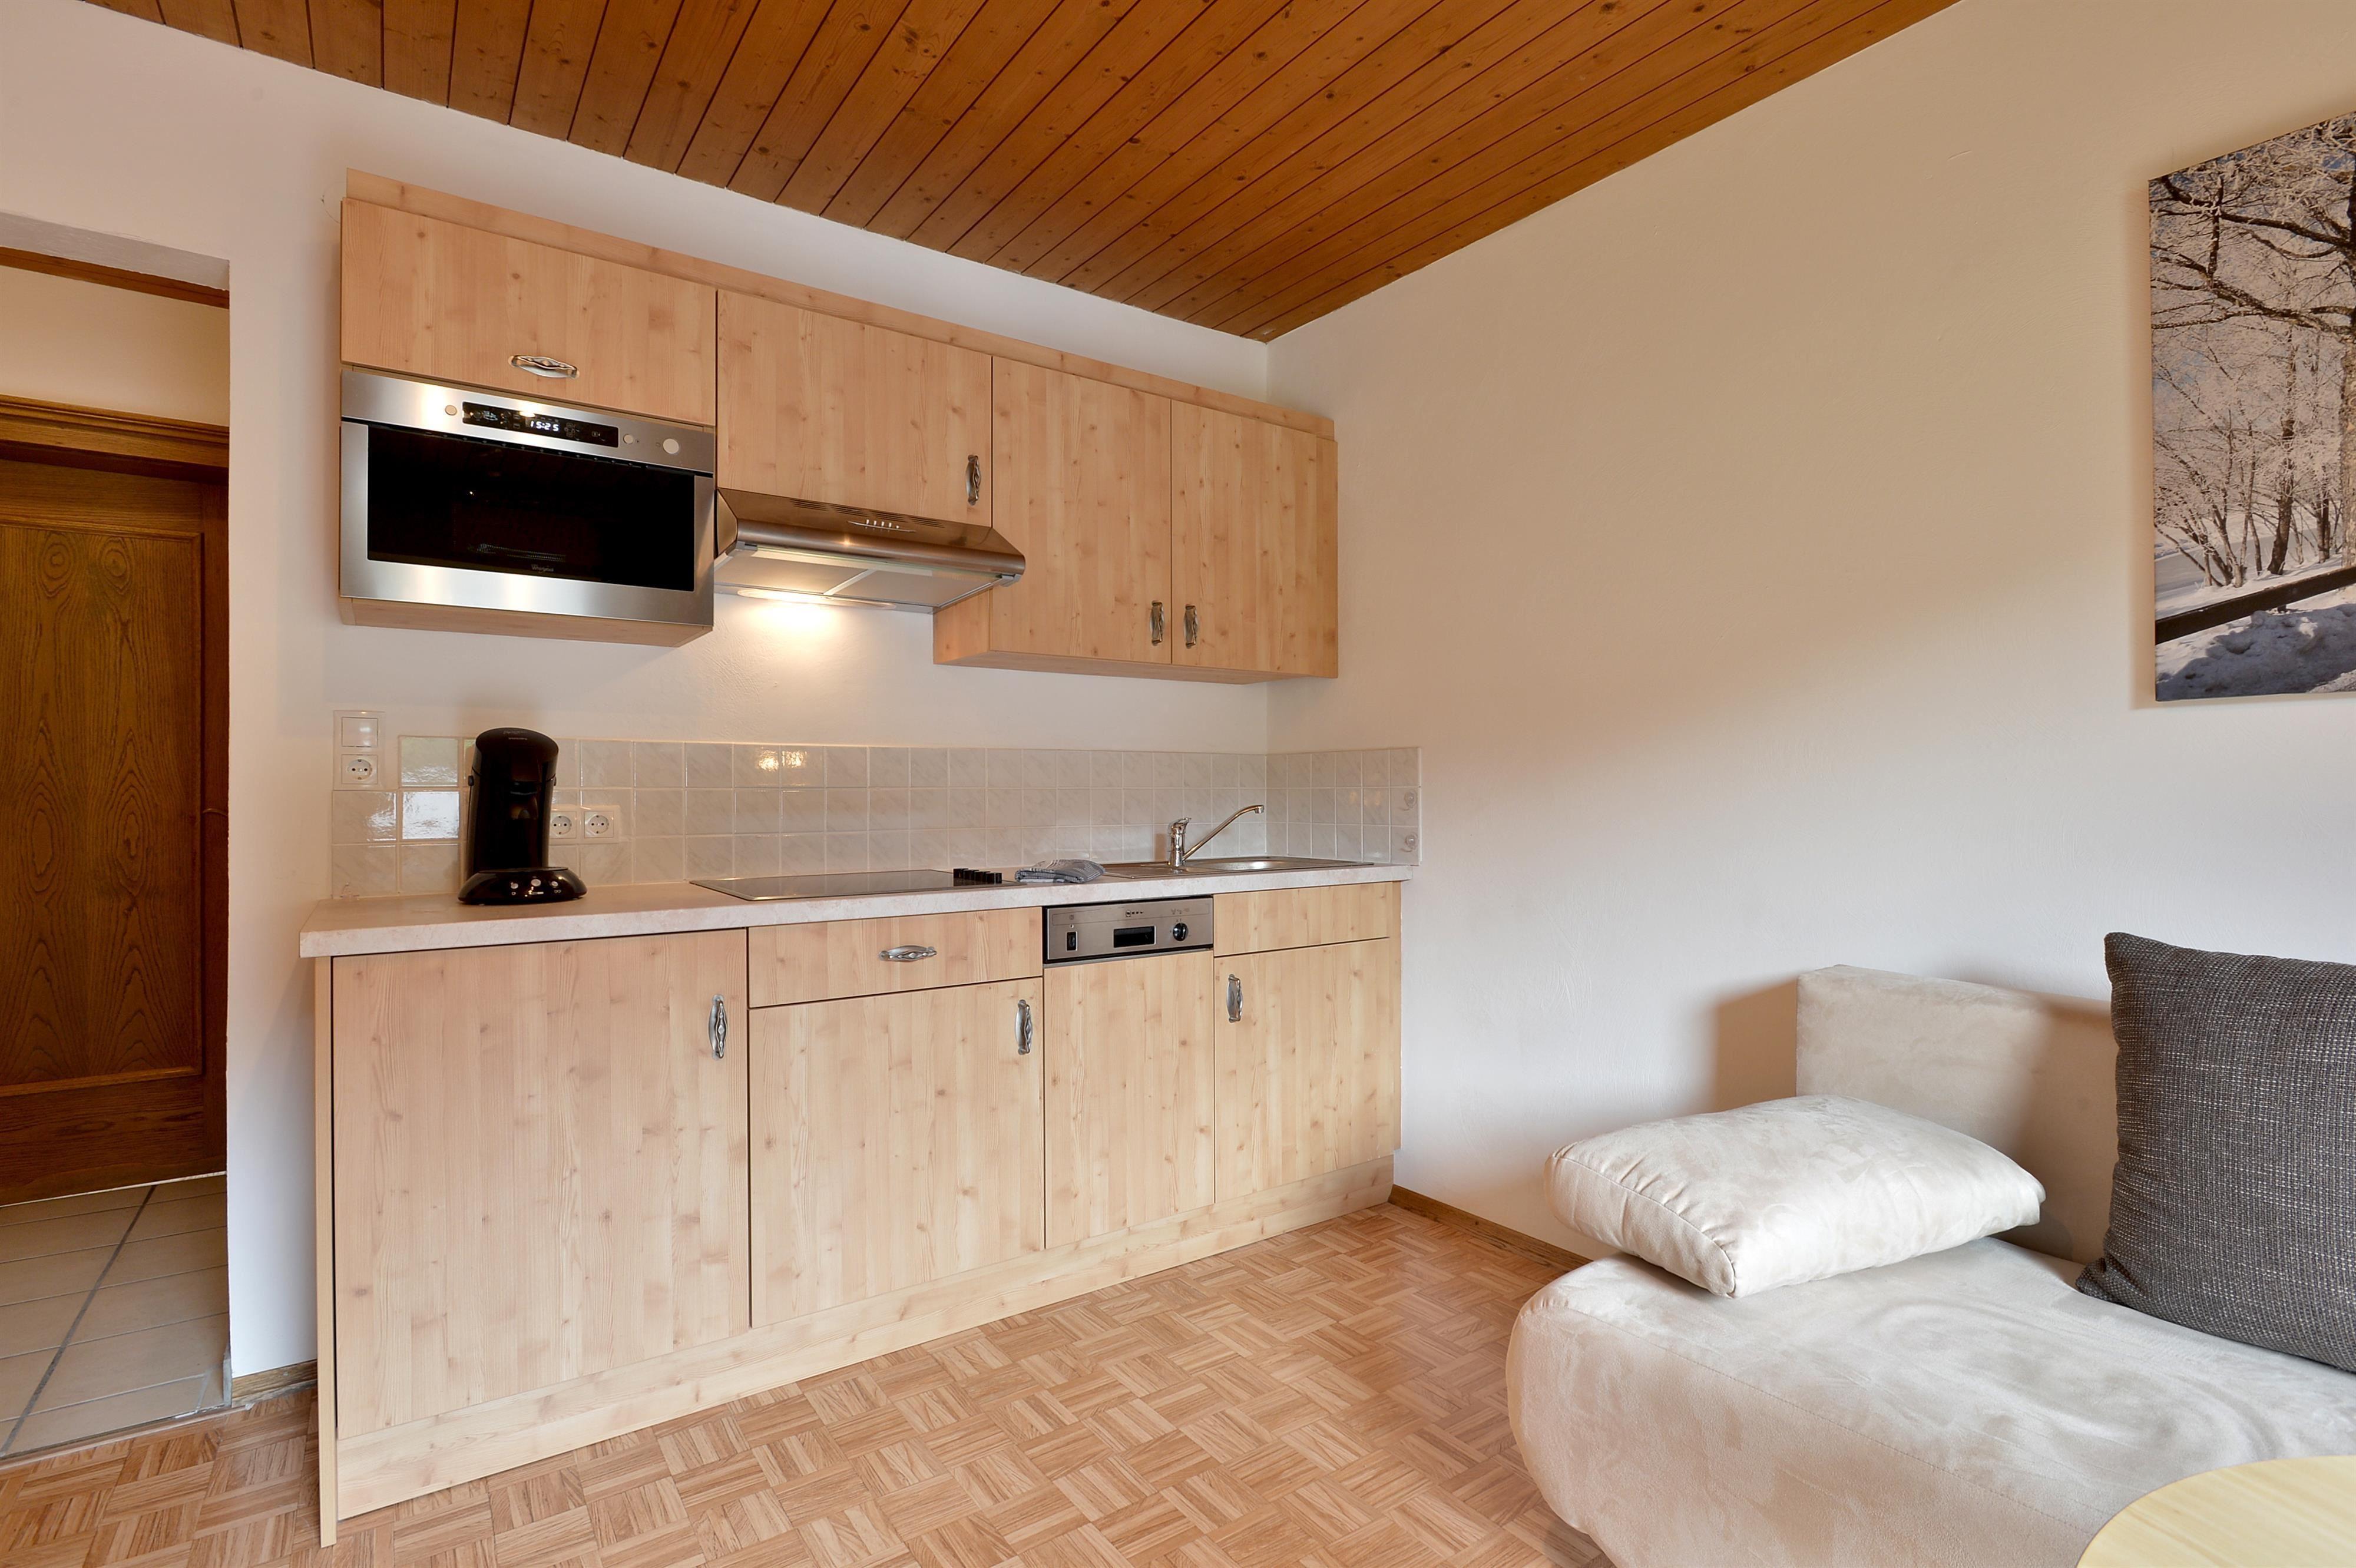 2 betten in einem schlafzimmer möglich 3 eine gemütliche wohnzimmer und küche mit e herd kombi mikrowelle backofen geschirrspüler kühlschrank